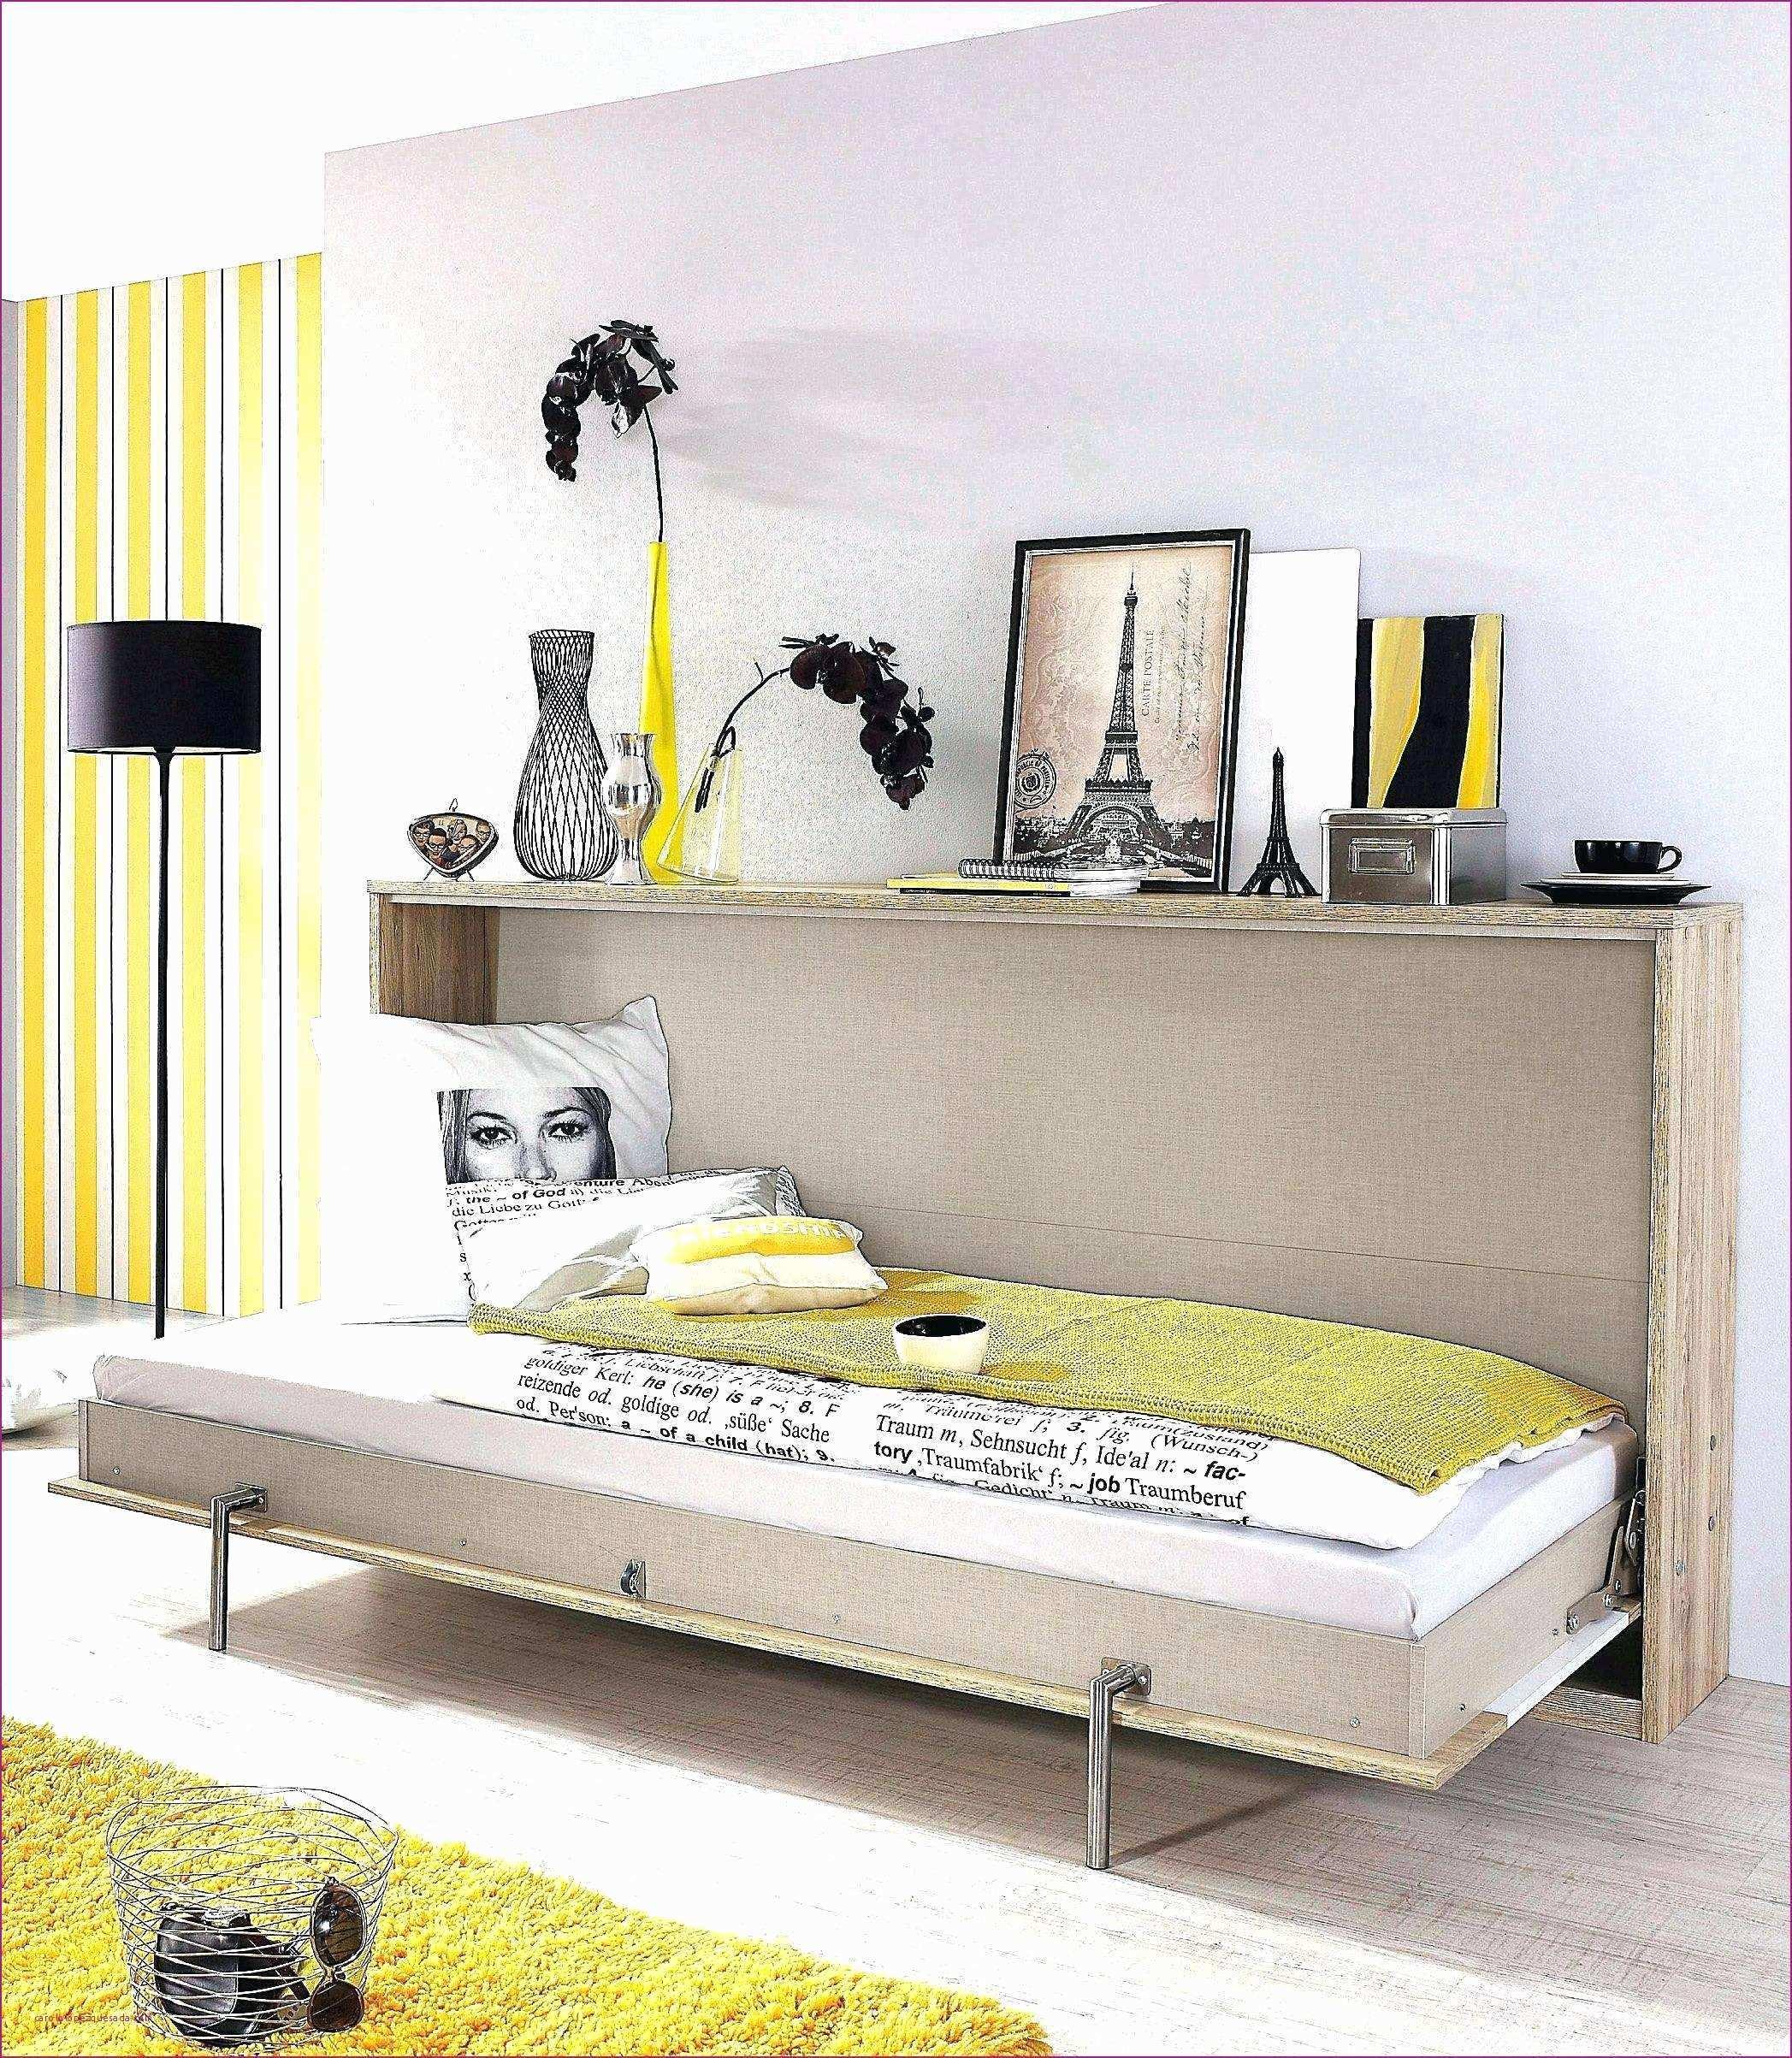 42 einzigartig garten gemutlich gestalten stock ideen von wohnzimmer gemutlich modern of wohnzimmer gemutlich modern